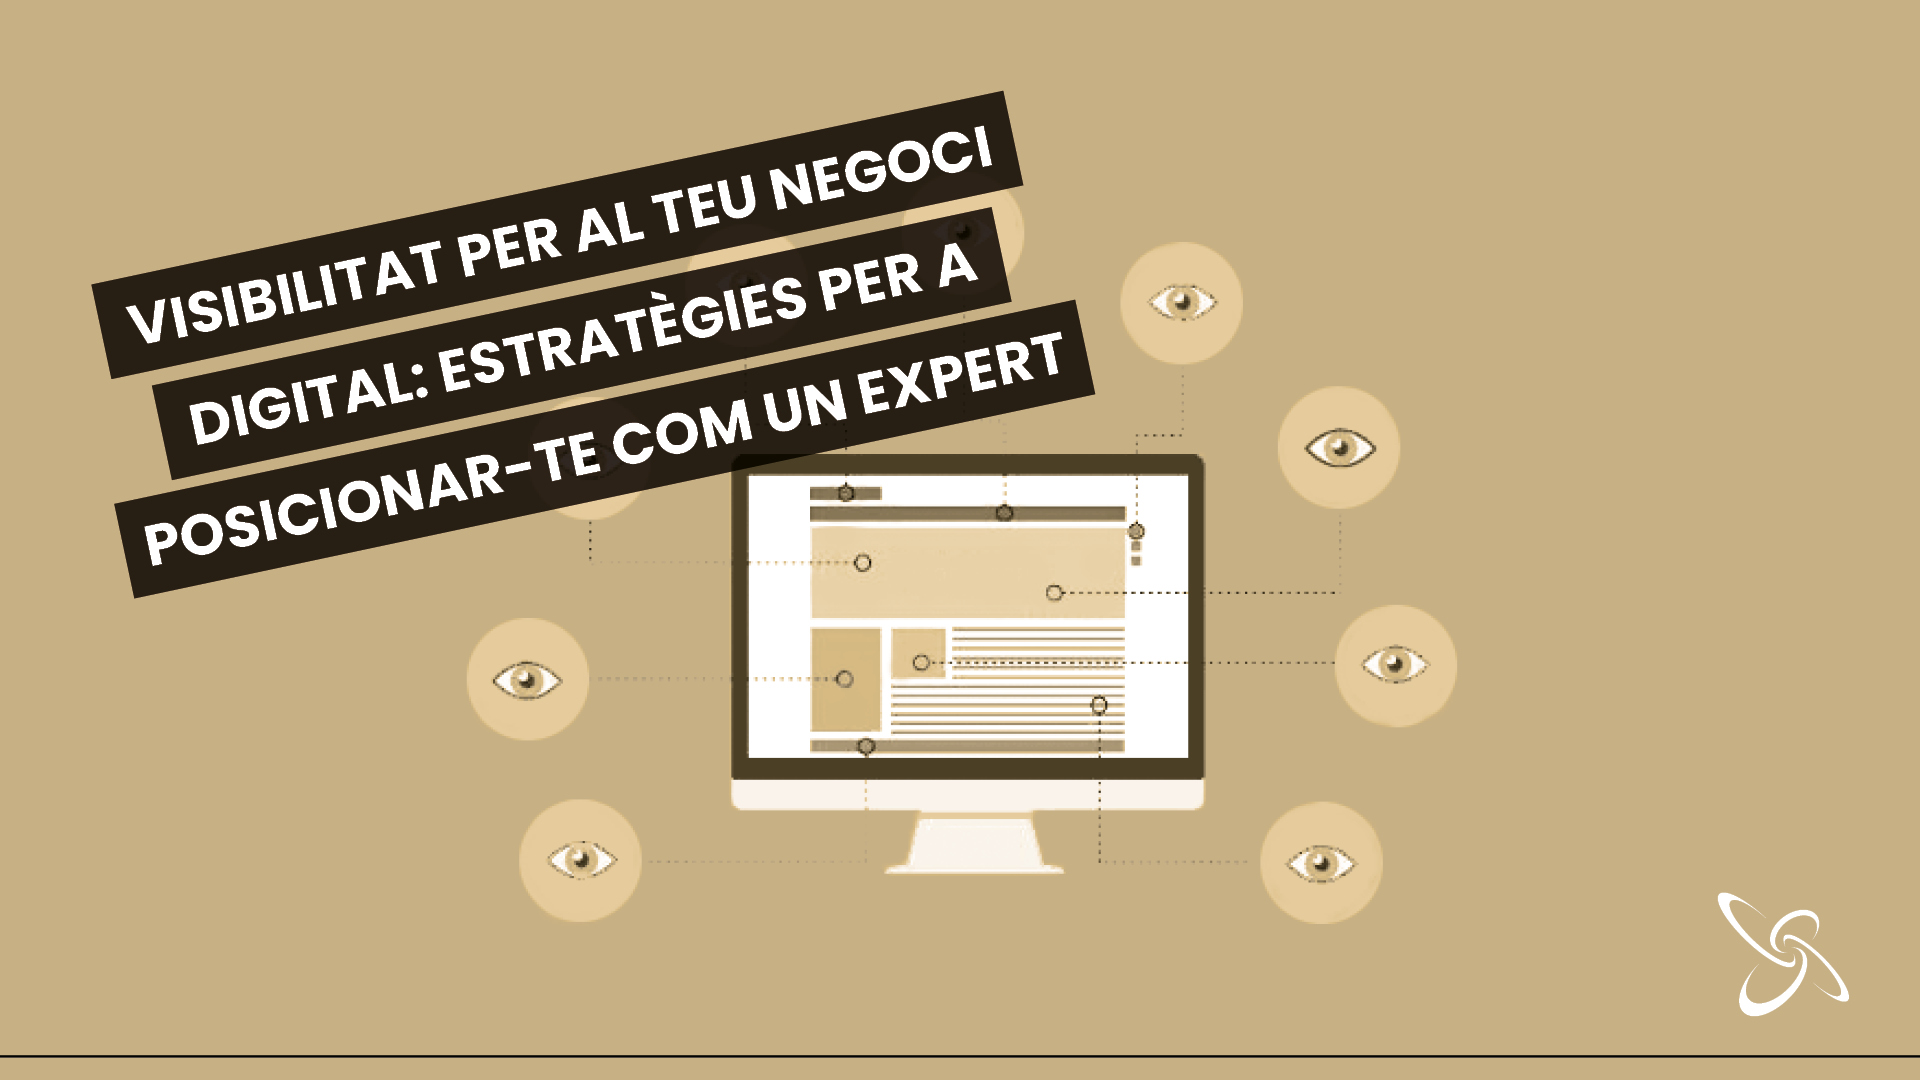 Visibilitat per al teu negoci digital: estratègies per a posicionar-te com un expert